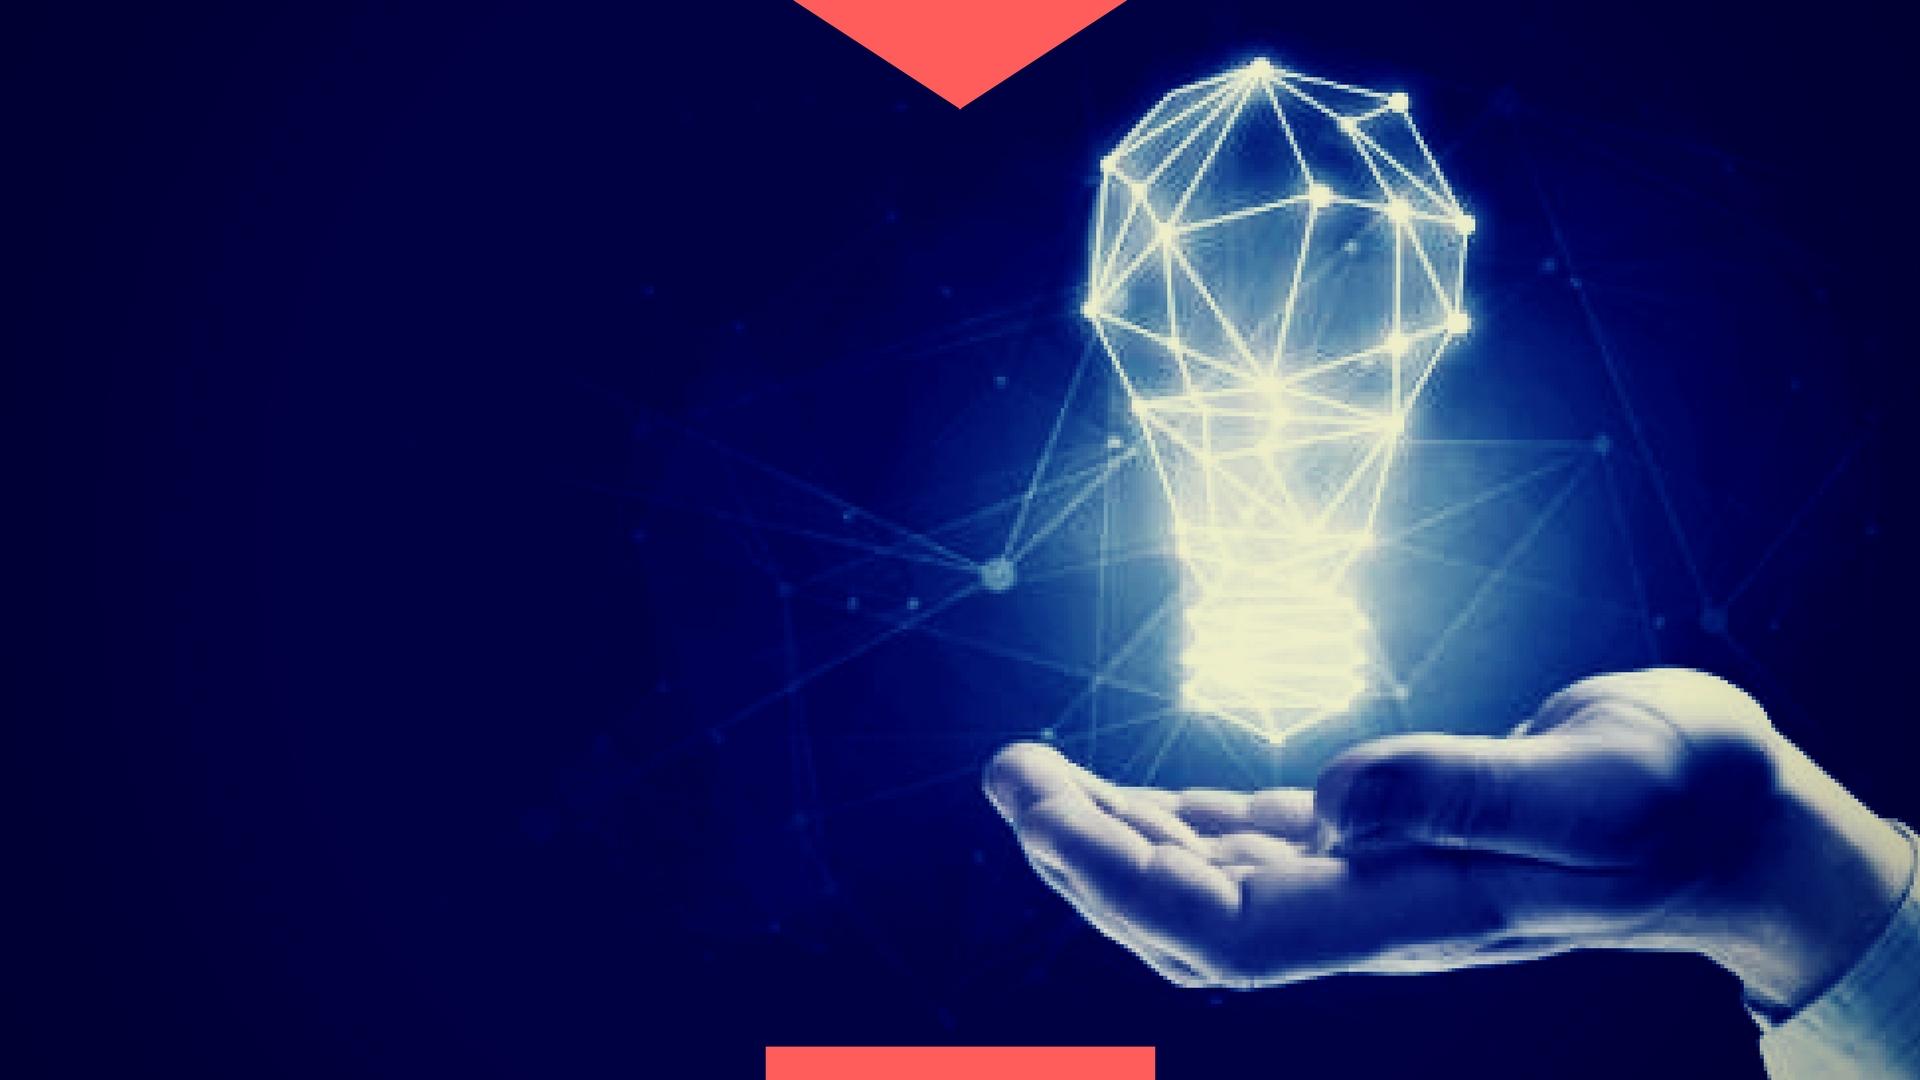 1. ANALISI DEL CONCEPT - Un progetto di illuminazione efficace passa dalle idee del cliente: Lumenlab offre una consulenza iniziale sotto forma di colloquio per capire obiettivi ed esigenze e costruire così la soluzione individuale migliore e lo sviluppo di una concezione illuminotecnica totalmente personalizzata e su misura